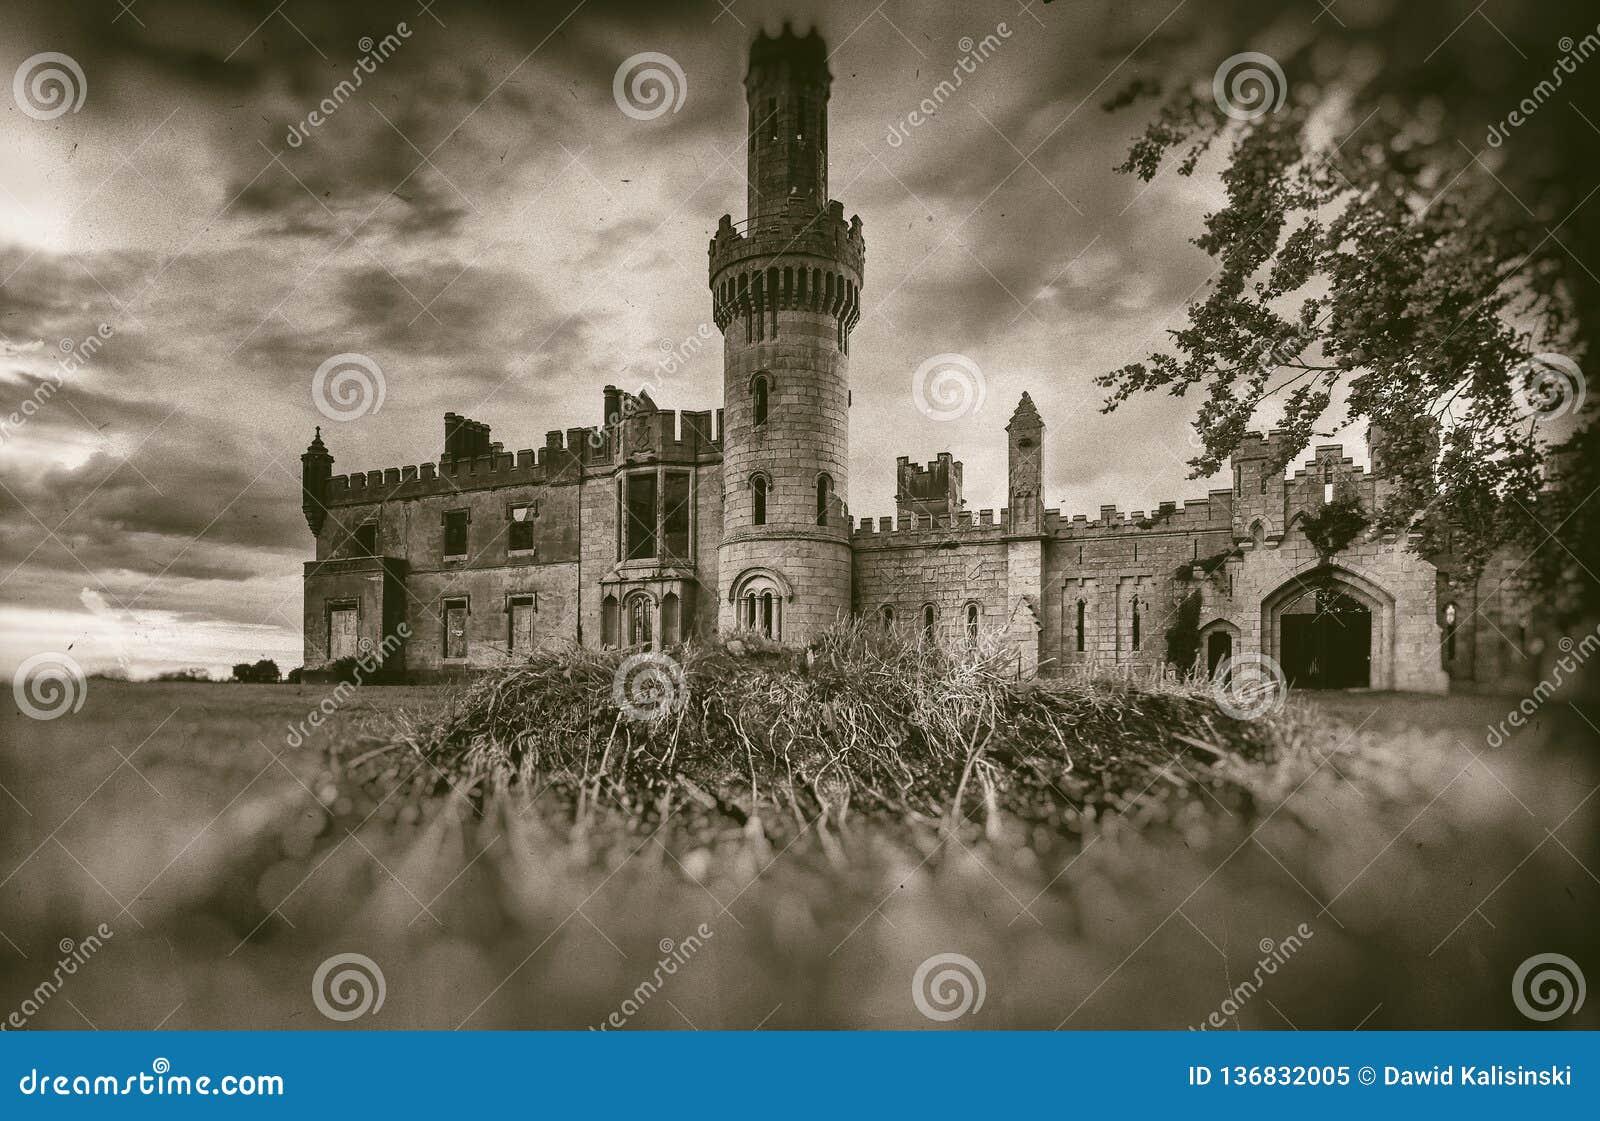 Старые средневековые руины замка, дерево и бурное небо в стиле sepia